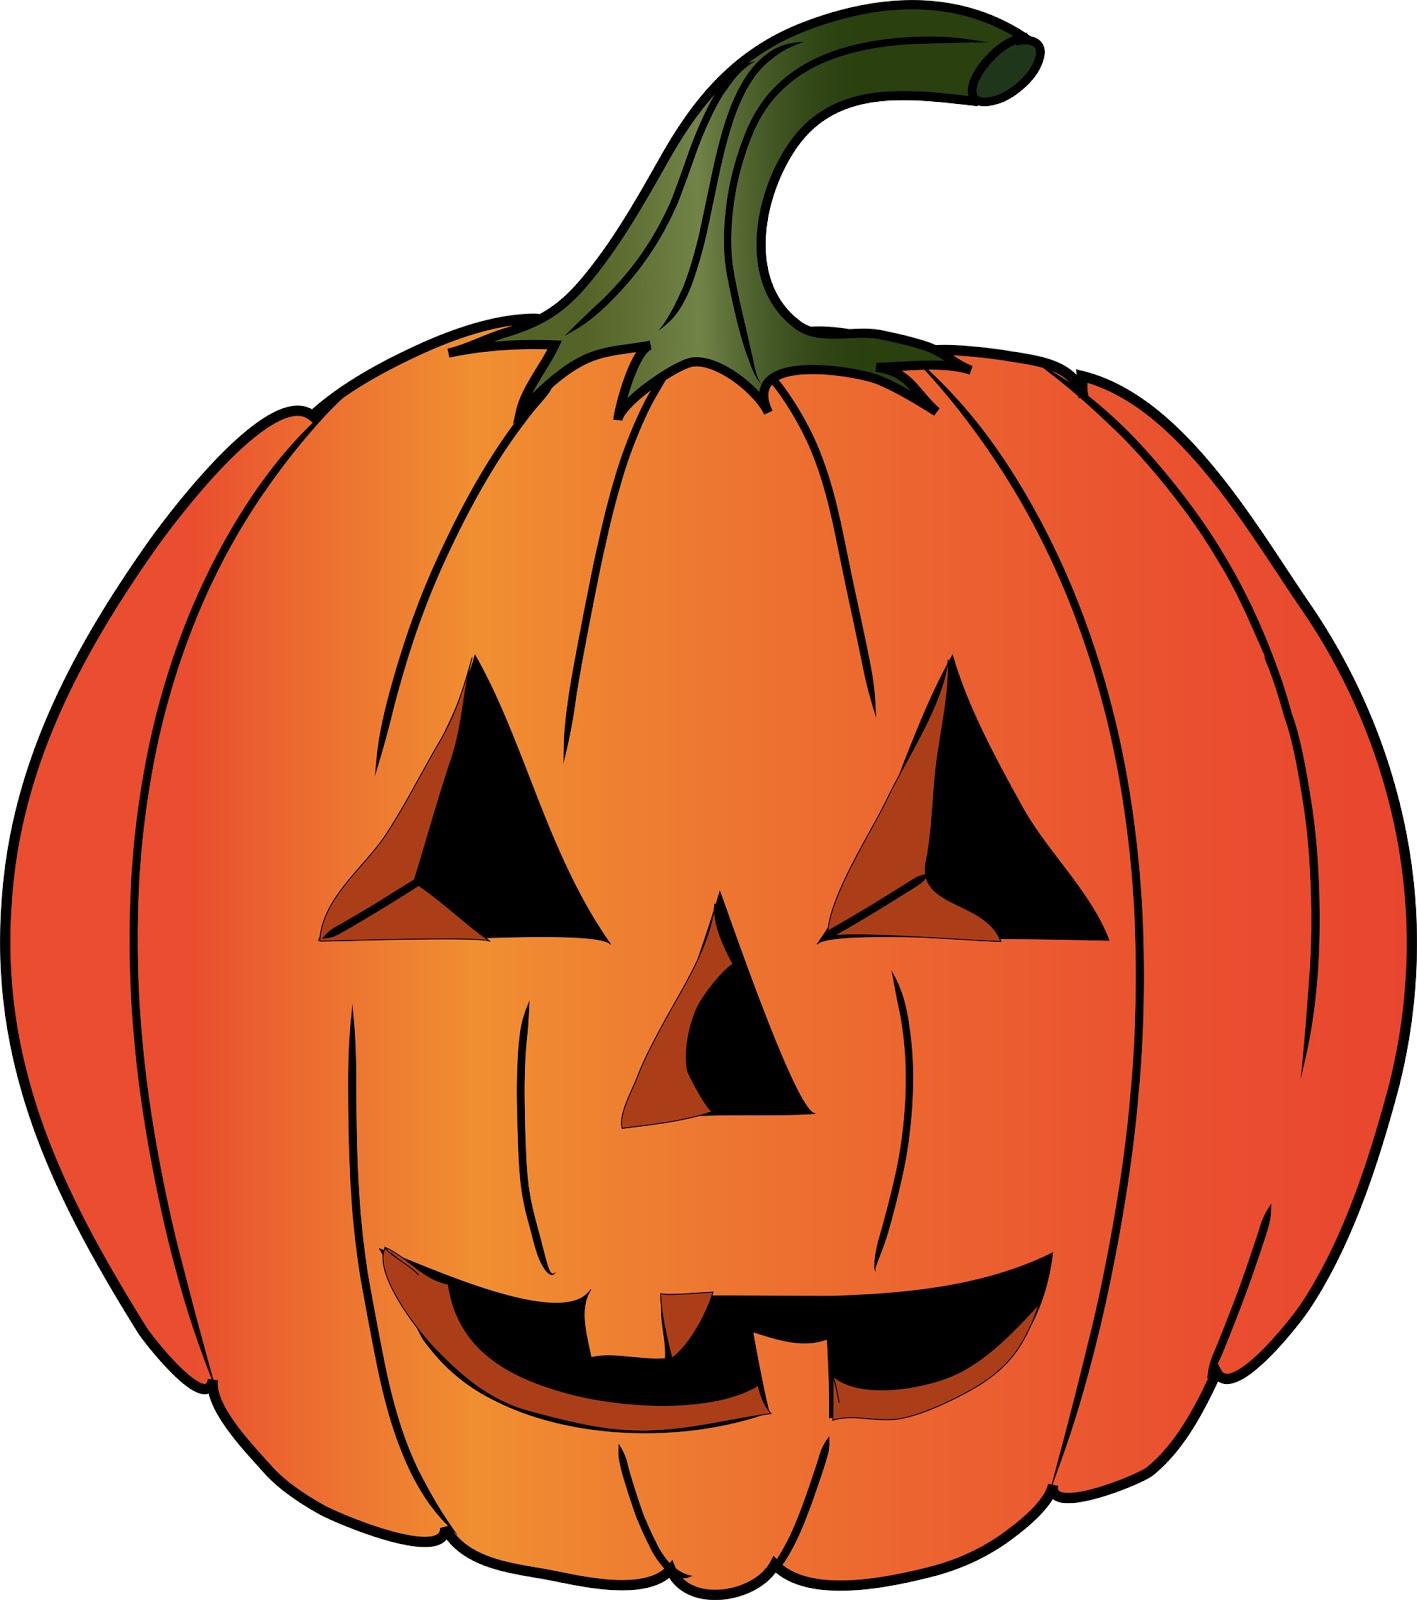 1417x1600 Pumpkin Clipart Carved Pumpkin